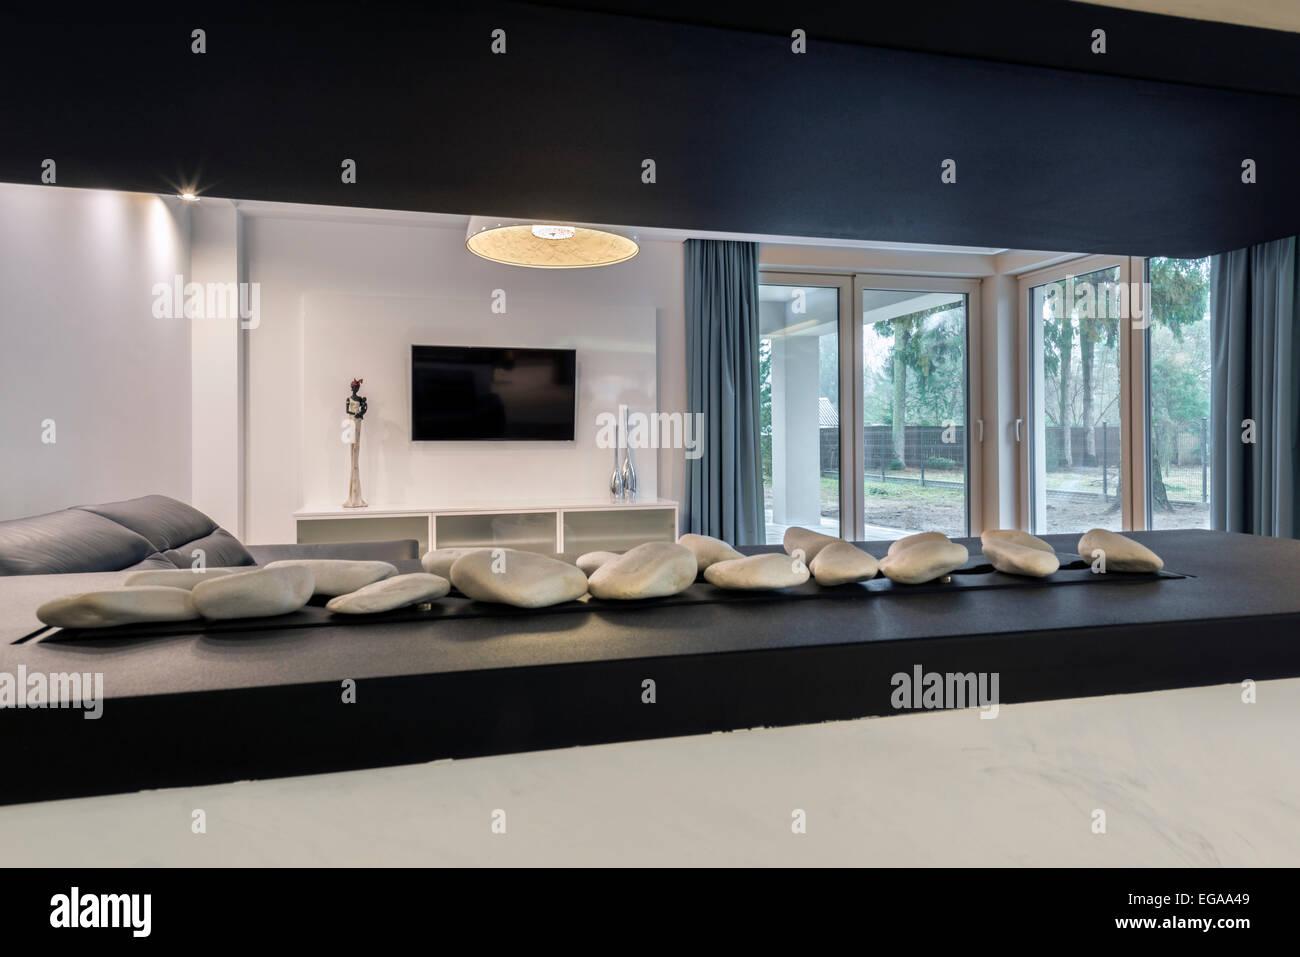 Moderner Kamin in schwarz / weiß Stil Wohnzimmer Stockfoto ...